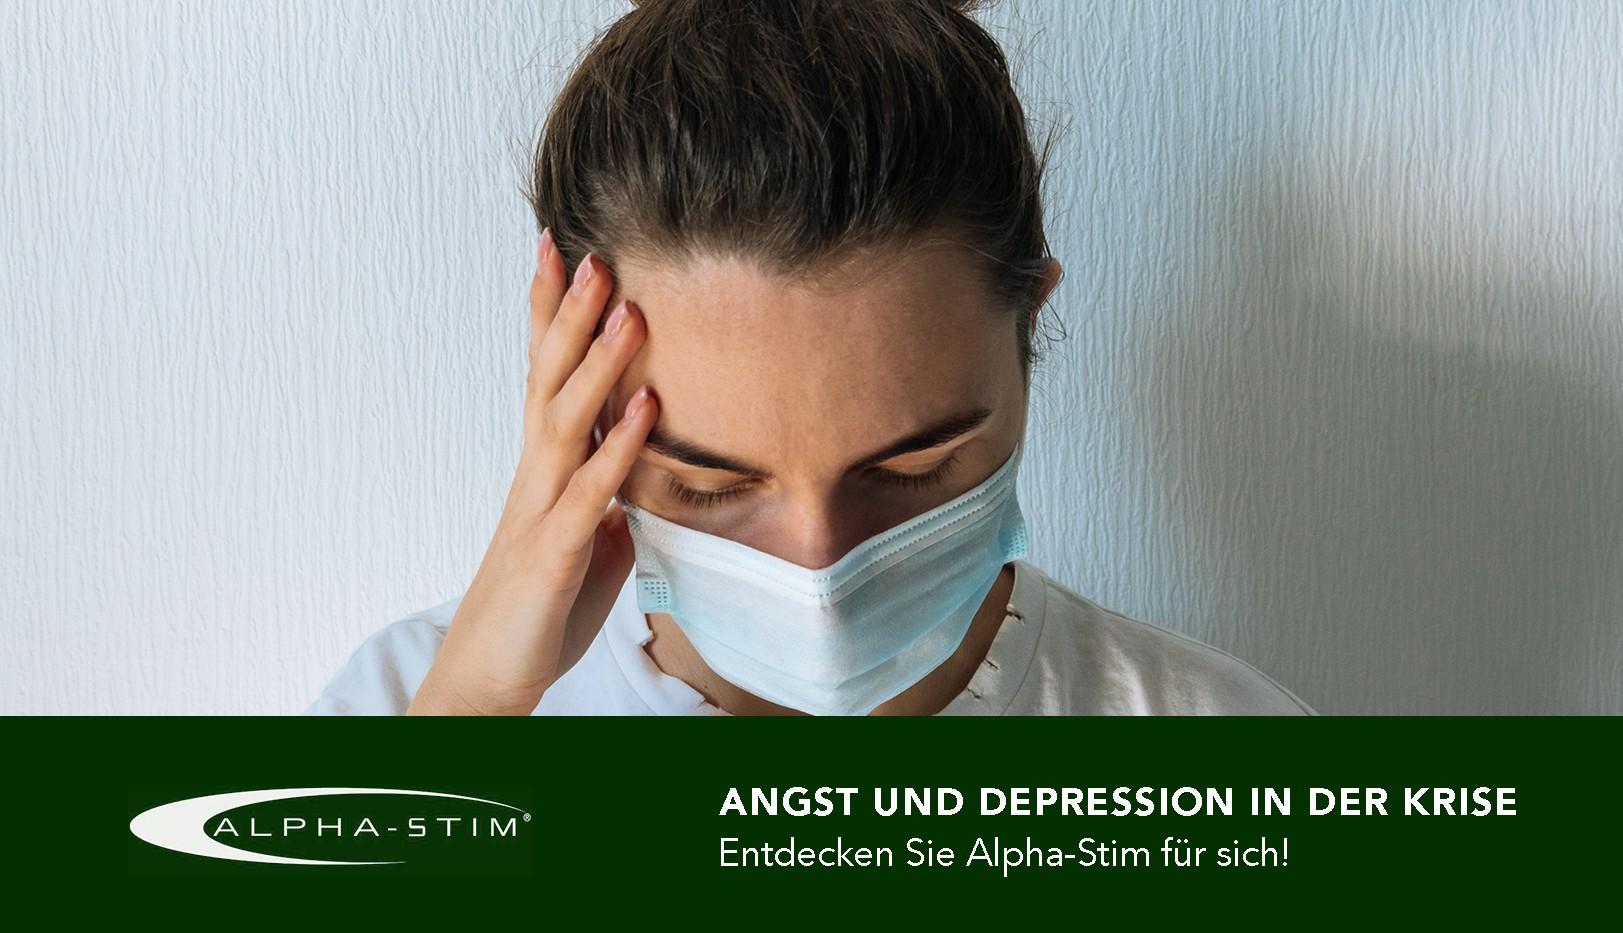 Angst und Depression in der Krise